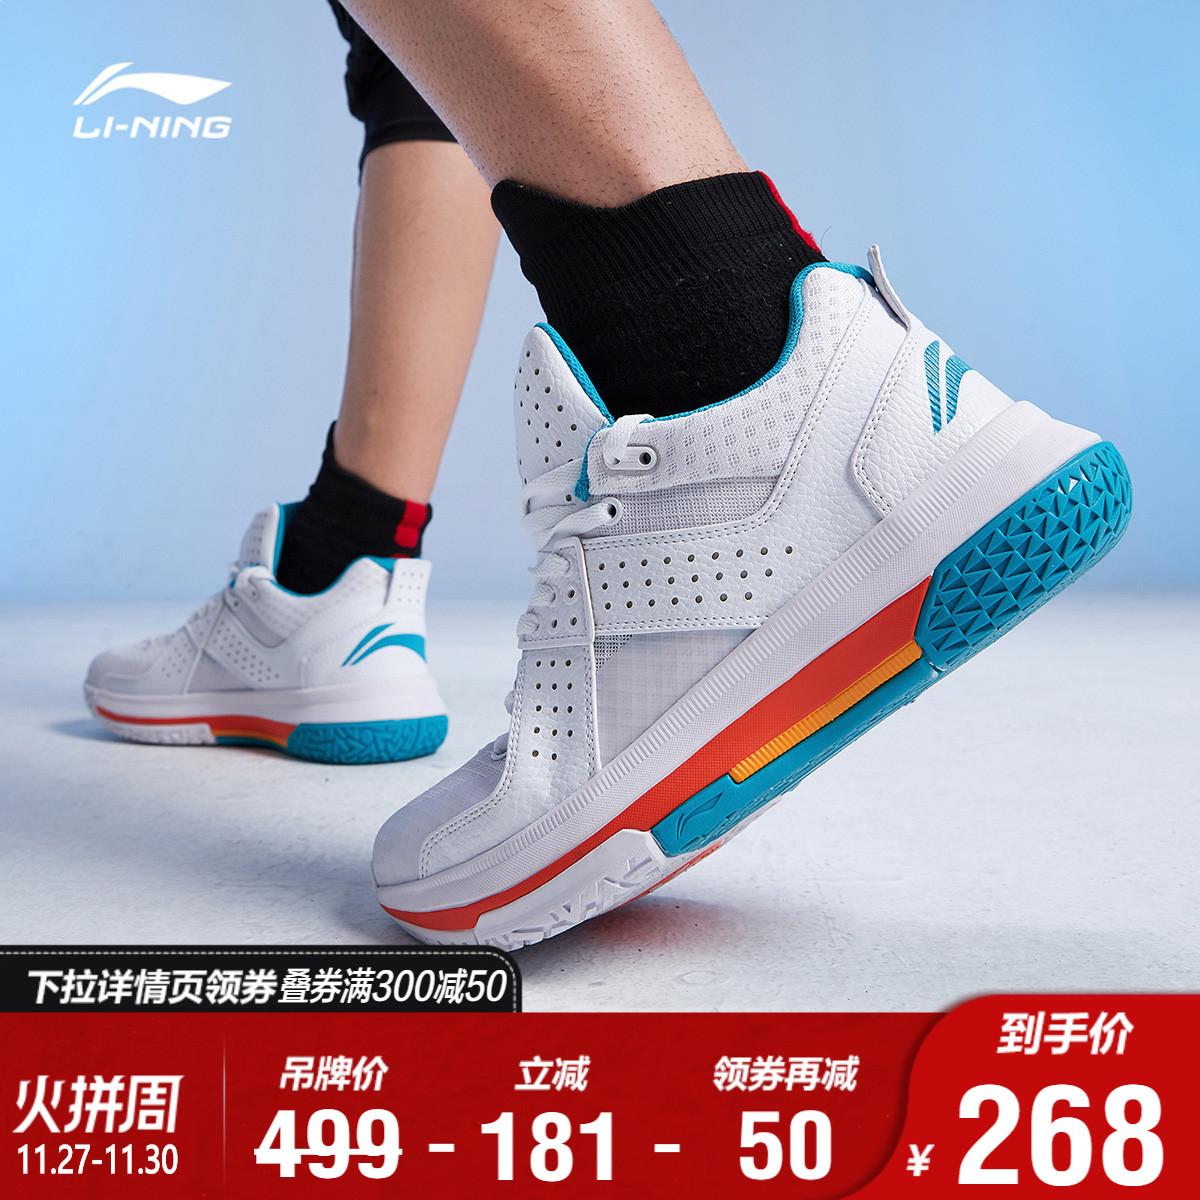 李宁篮球鞋男鞋官方正品韦德全城5低帮运动鞋专业实战球鞋男篮球